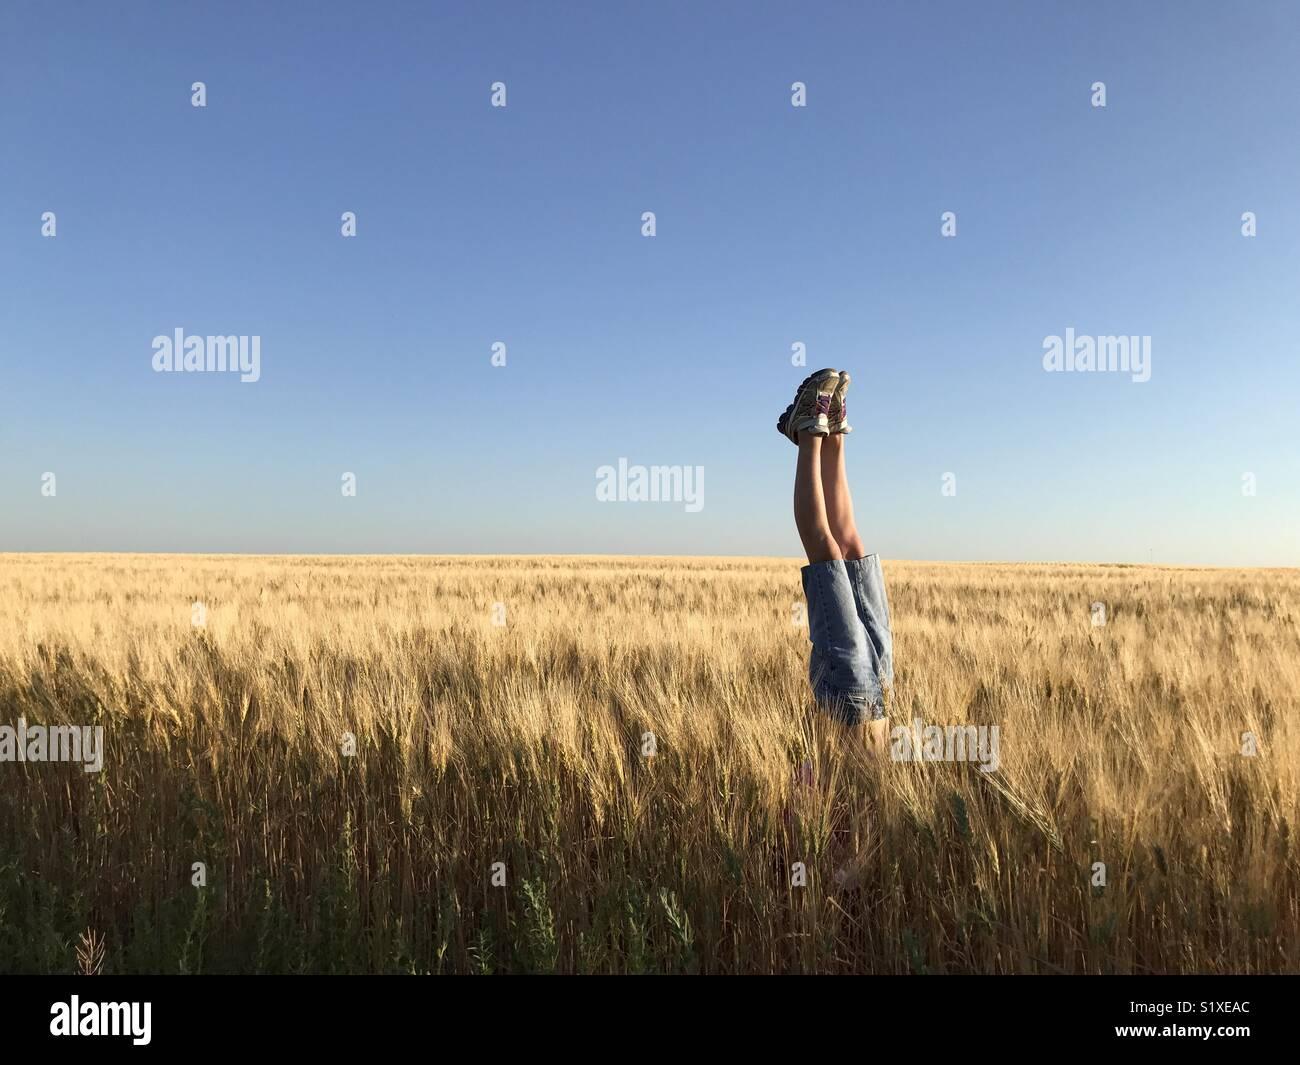 Una niña hace un pino en un campo de trigo. Imagen De Stock